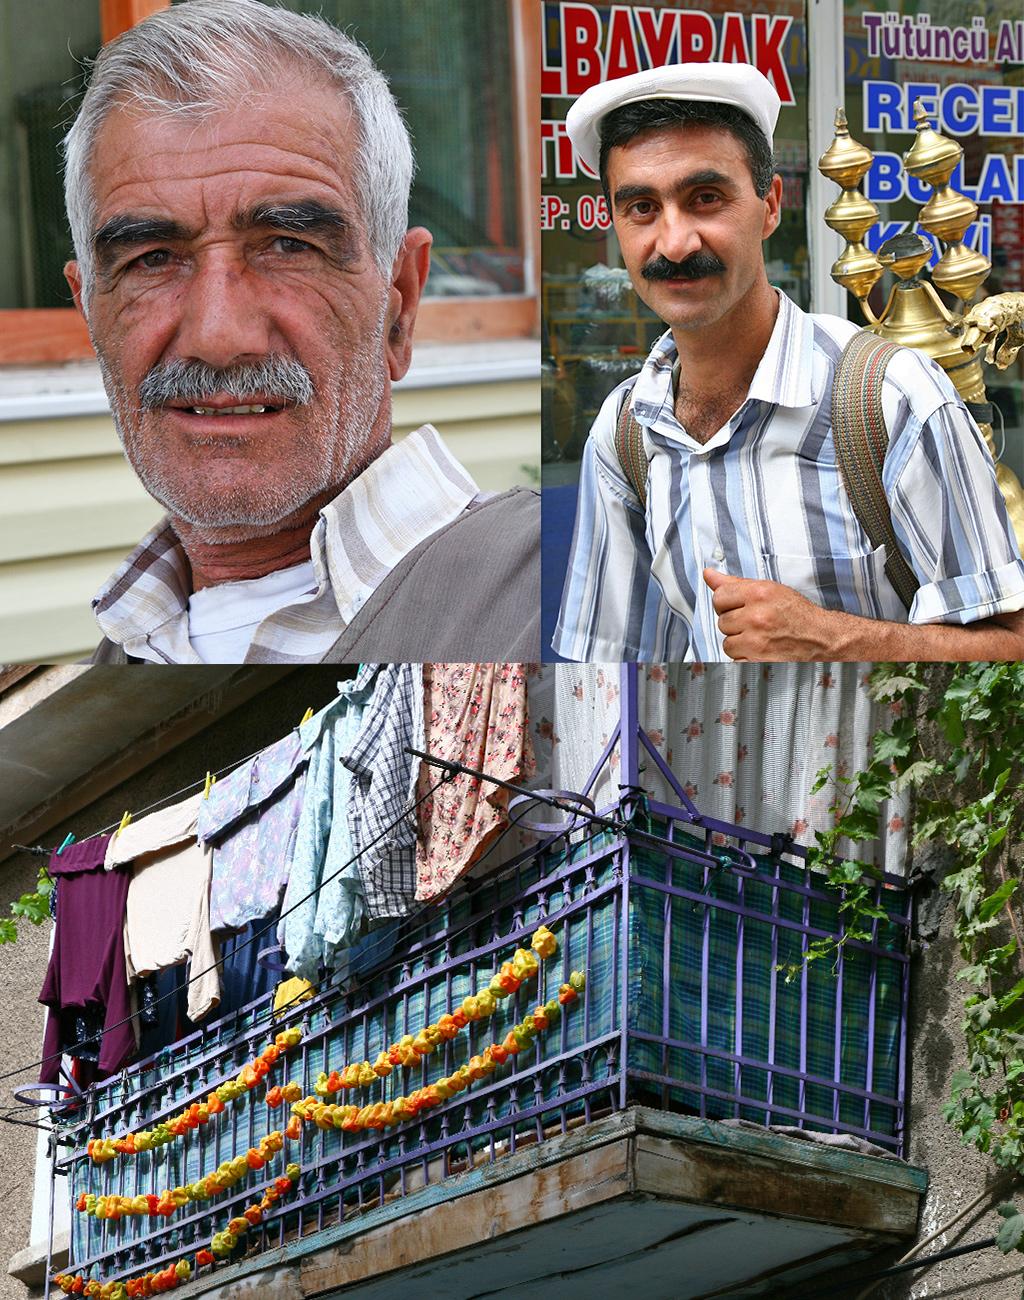 vriendelijke ontvangst in Malatya